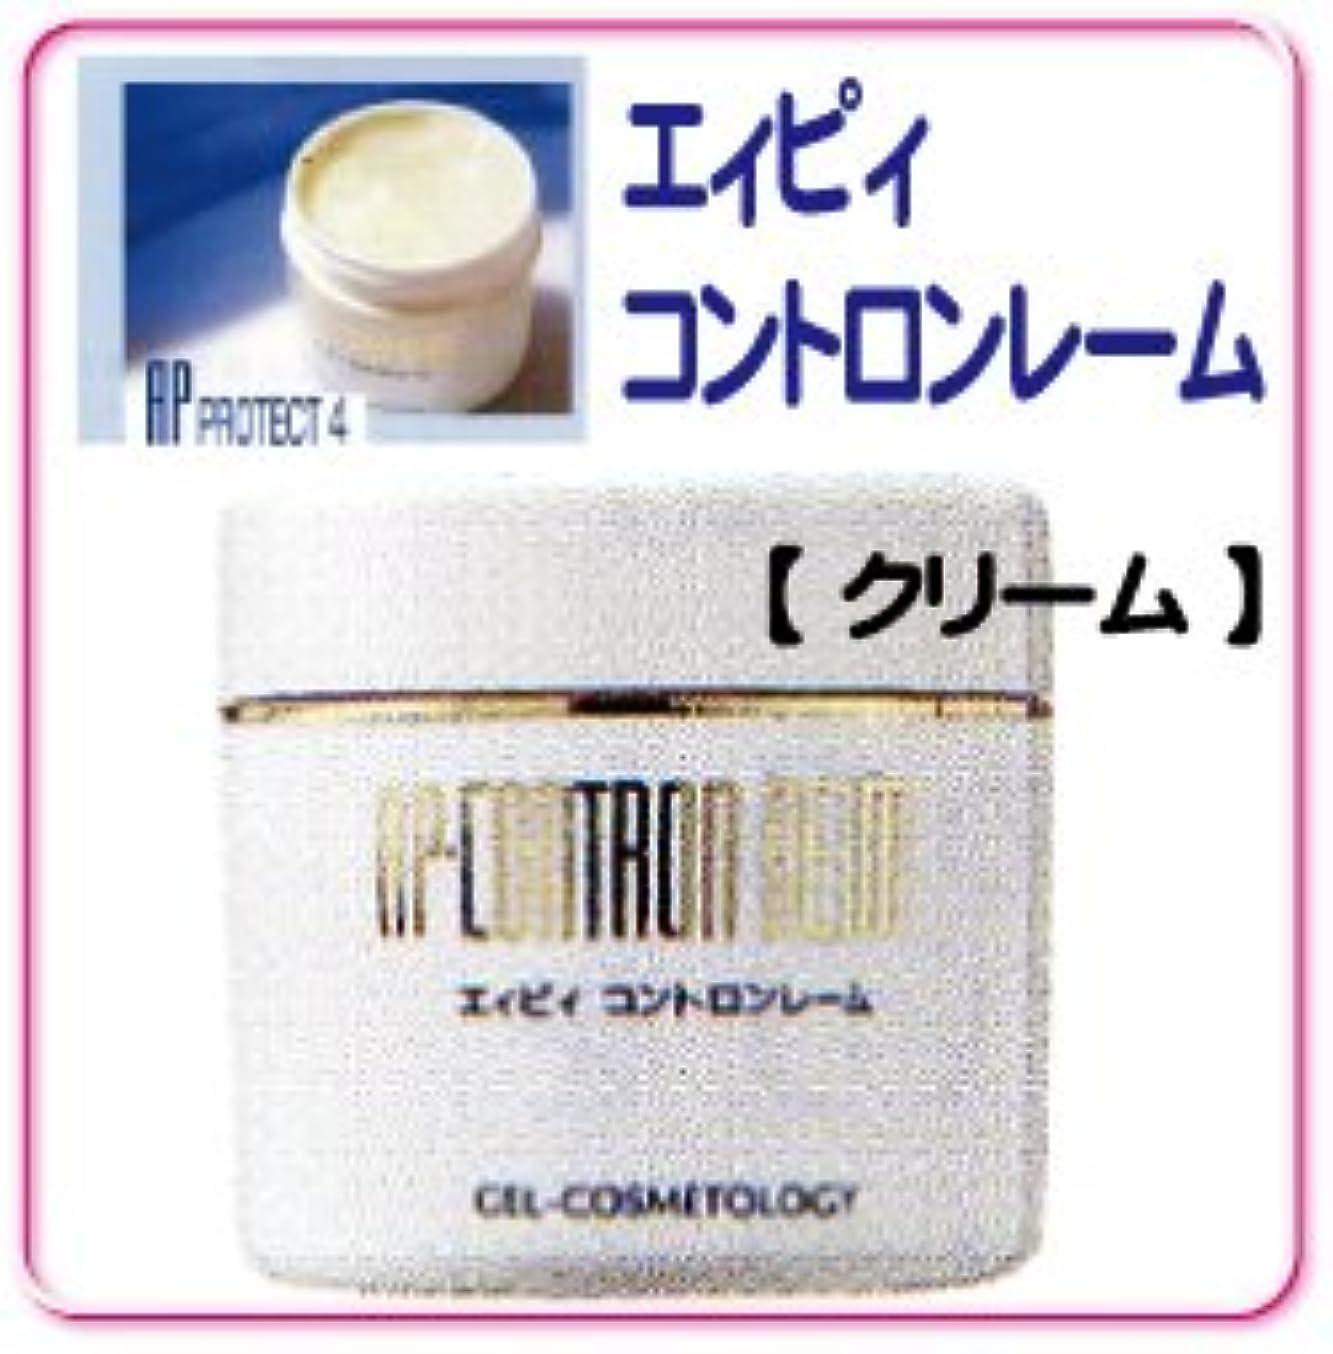 他の場所不毛キャロラインベルマン化粧品 APprotectシリーズ  コントロンレーム  敏感肌用クリーム 110g